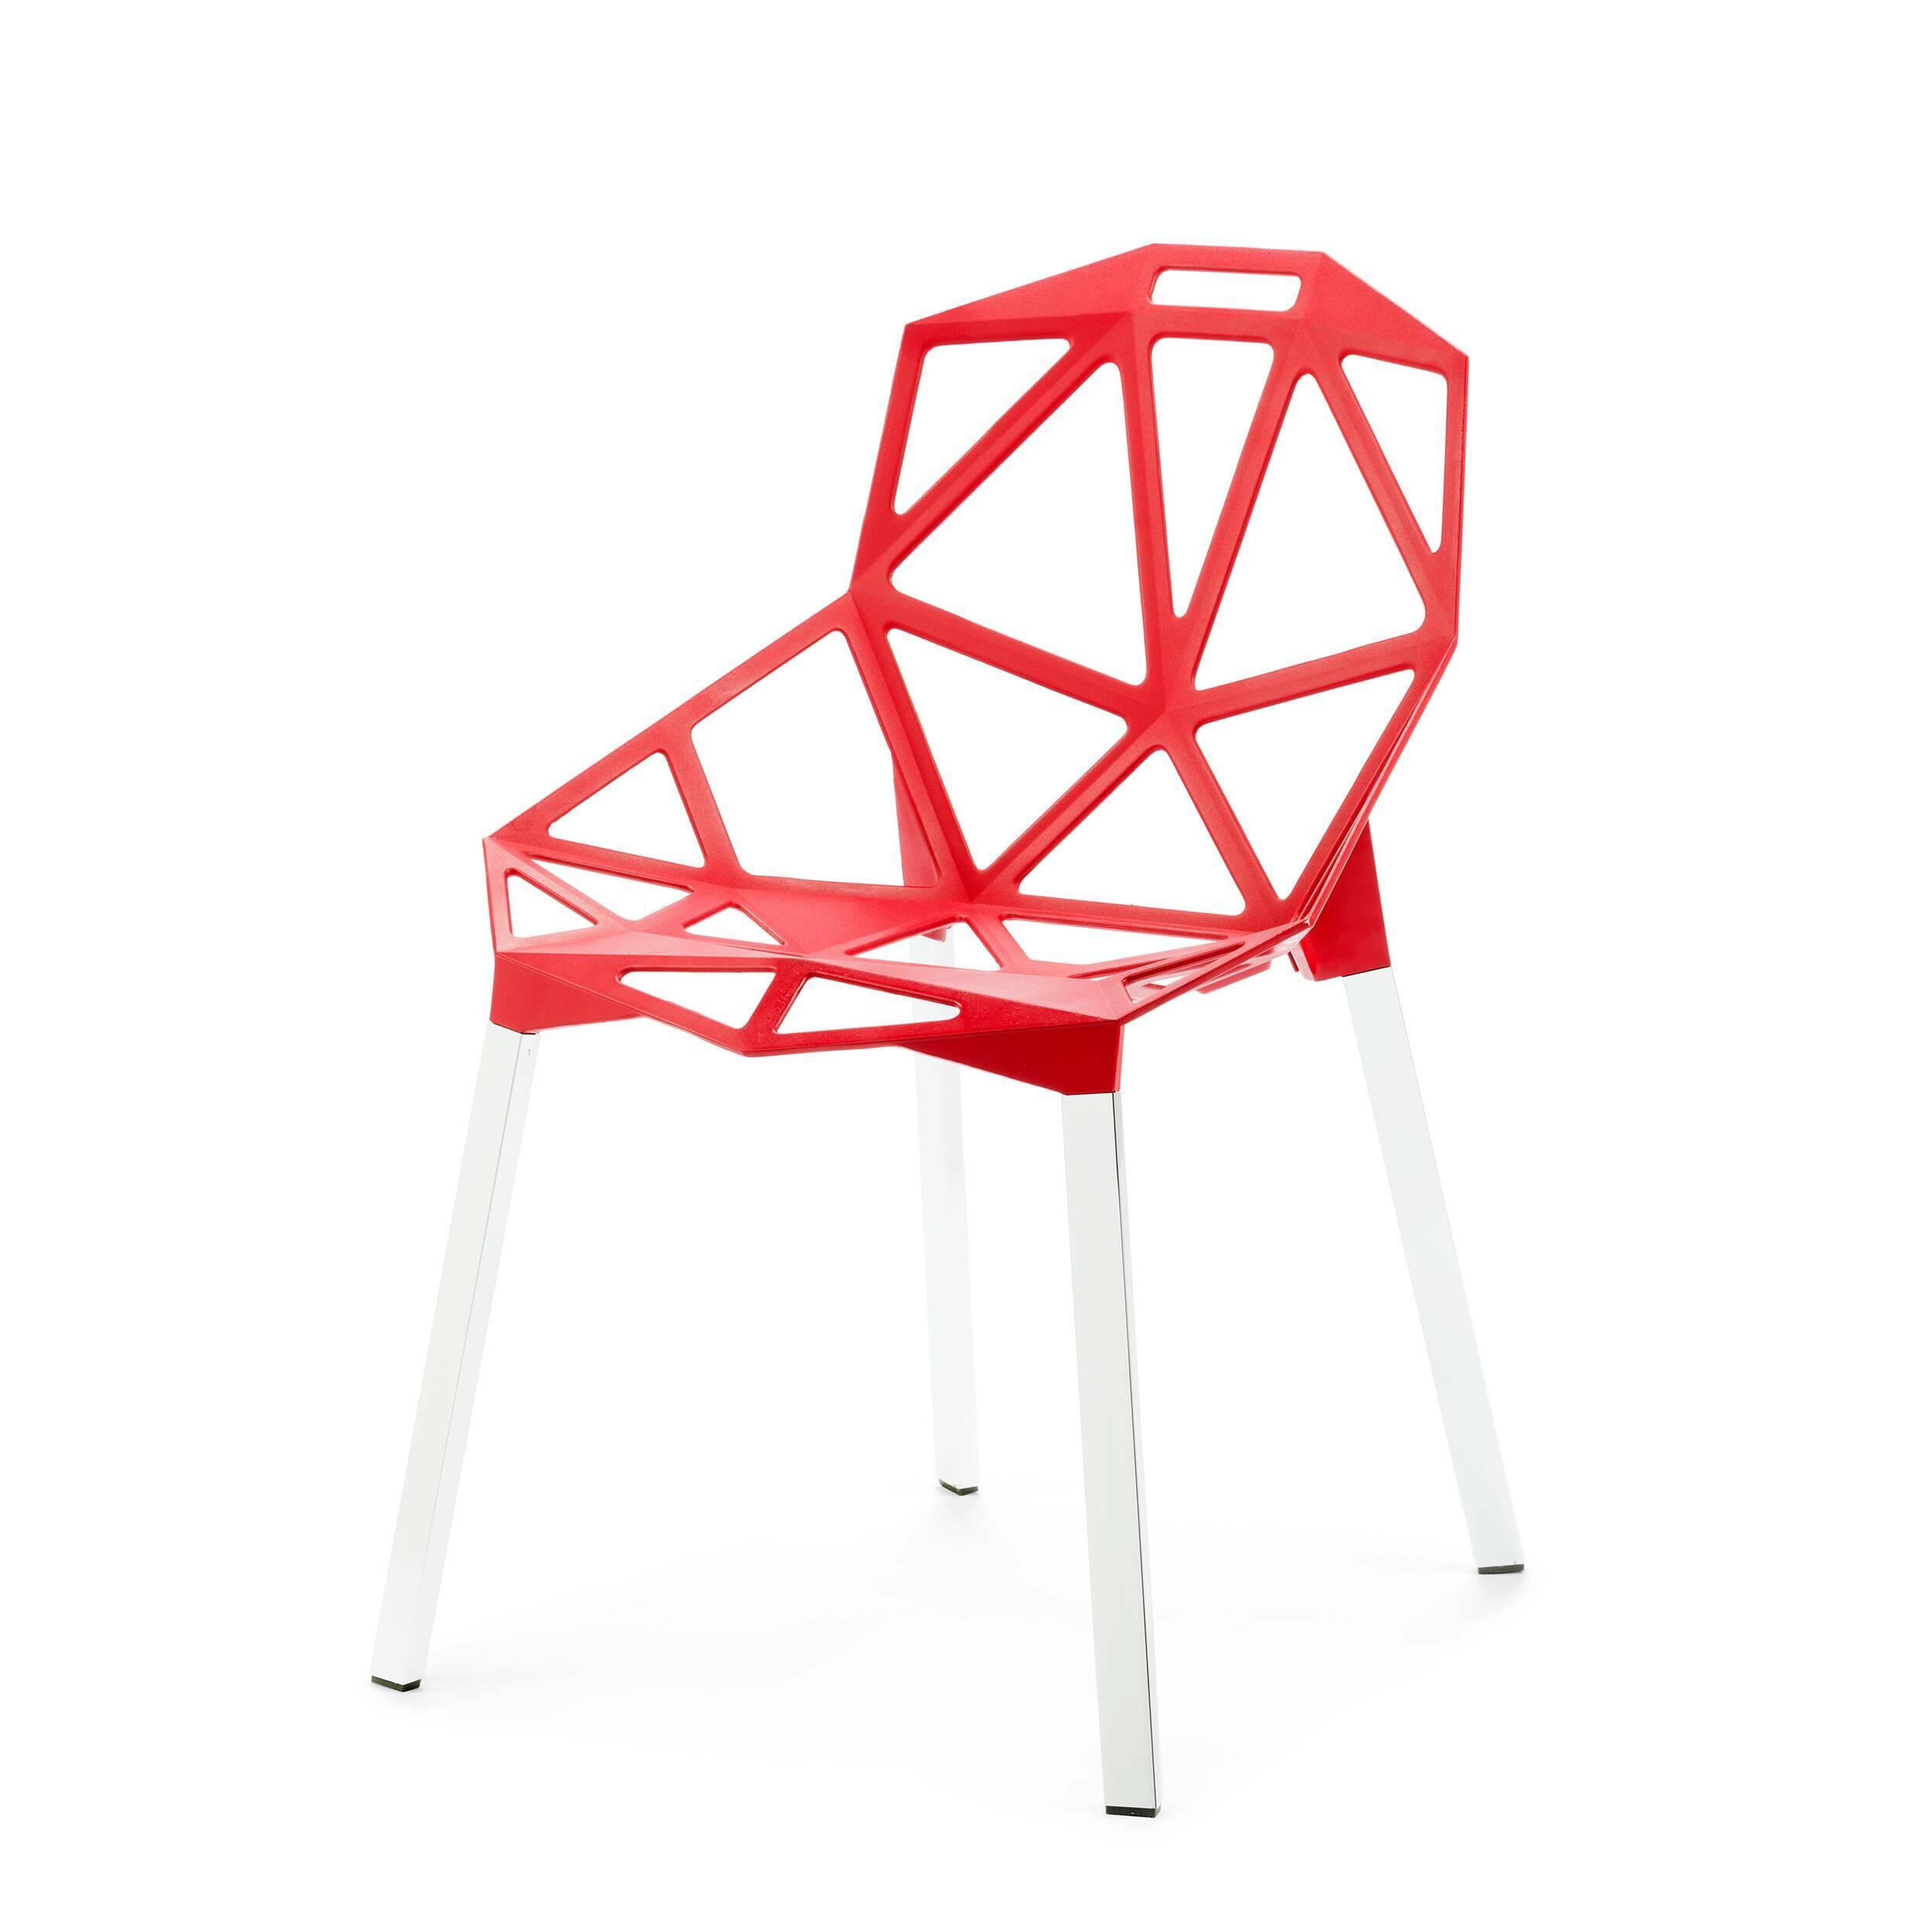 Стул OneИнтерьерные<br>Стильный и модный стул One от немецкого дизайнера Константина Грчича — вариант для тех, кто не может представить себе свой будущий интерьер без новомодных дизайнерских решений. Стул выполнен из чистого алюминия. Несмотря на столь грубый и прочный материал, комфортность стула ни в чем не пострадала. Отдыхать в нем так же удобно, как и в комфортабельном кресле. Это уютное «гнездышко» обязательно придется по вкусу и самым маленьким — изделие отлично подойдет и для детской.<br> <br> Стул доступен в ч...<br><br>stock: 0<br>Высота: 81<br>Высота сиденья: 45,5<br>Ширина: 55<br>Глубина: 57<br>Цвет ножек: Белый<br>Тип материала каркаса: Алюминий<br>Цвет каркаса: Красный